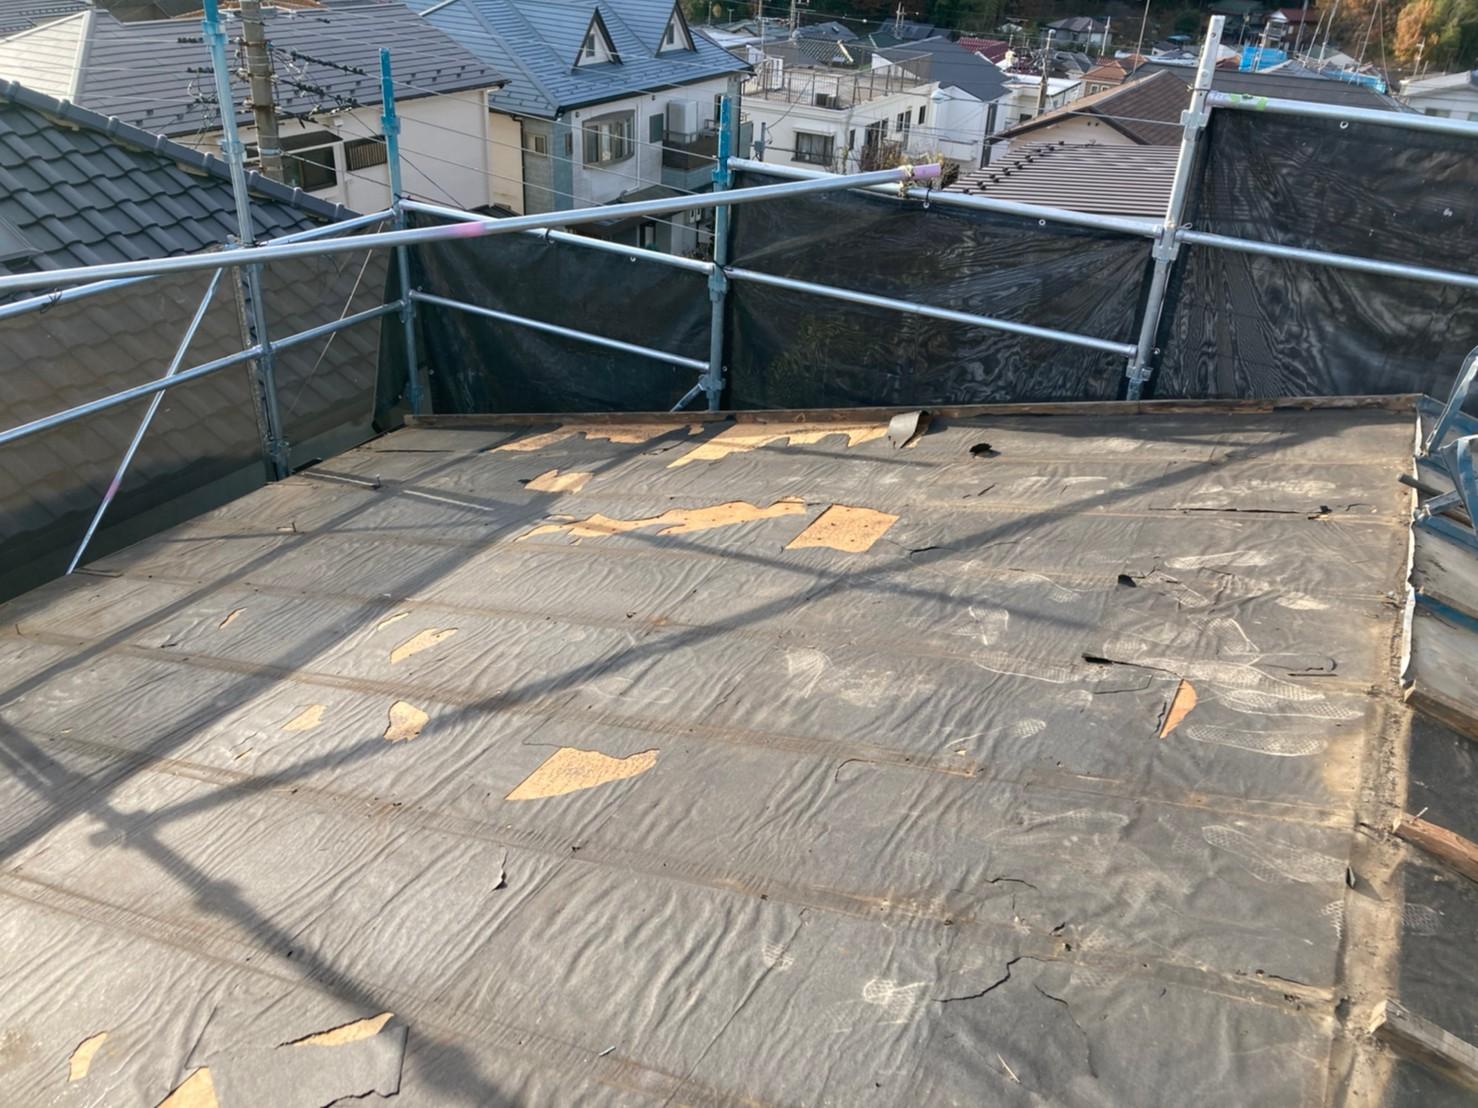 リフォーム施工中屋根葺き替え(2重剥がし)工事、遮熱工事、庇・瓦棒葺き替え工事【256】